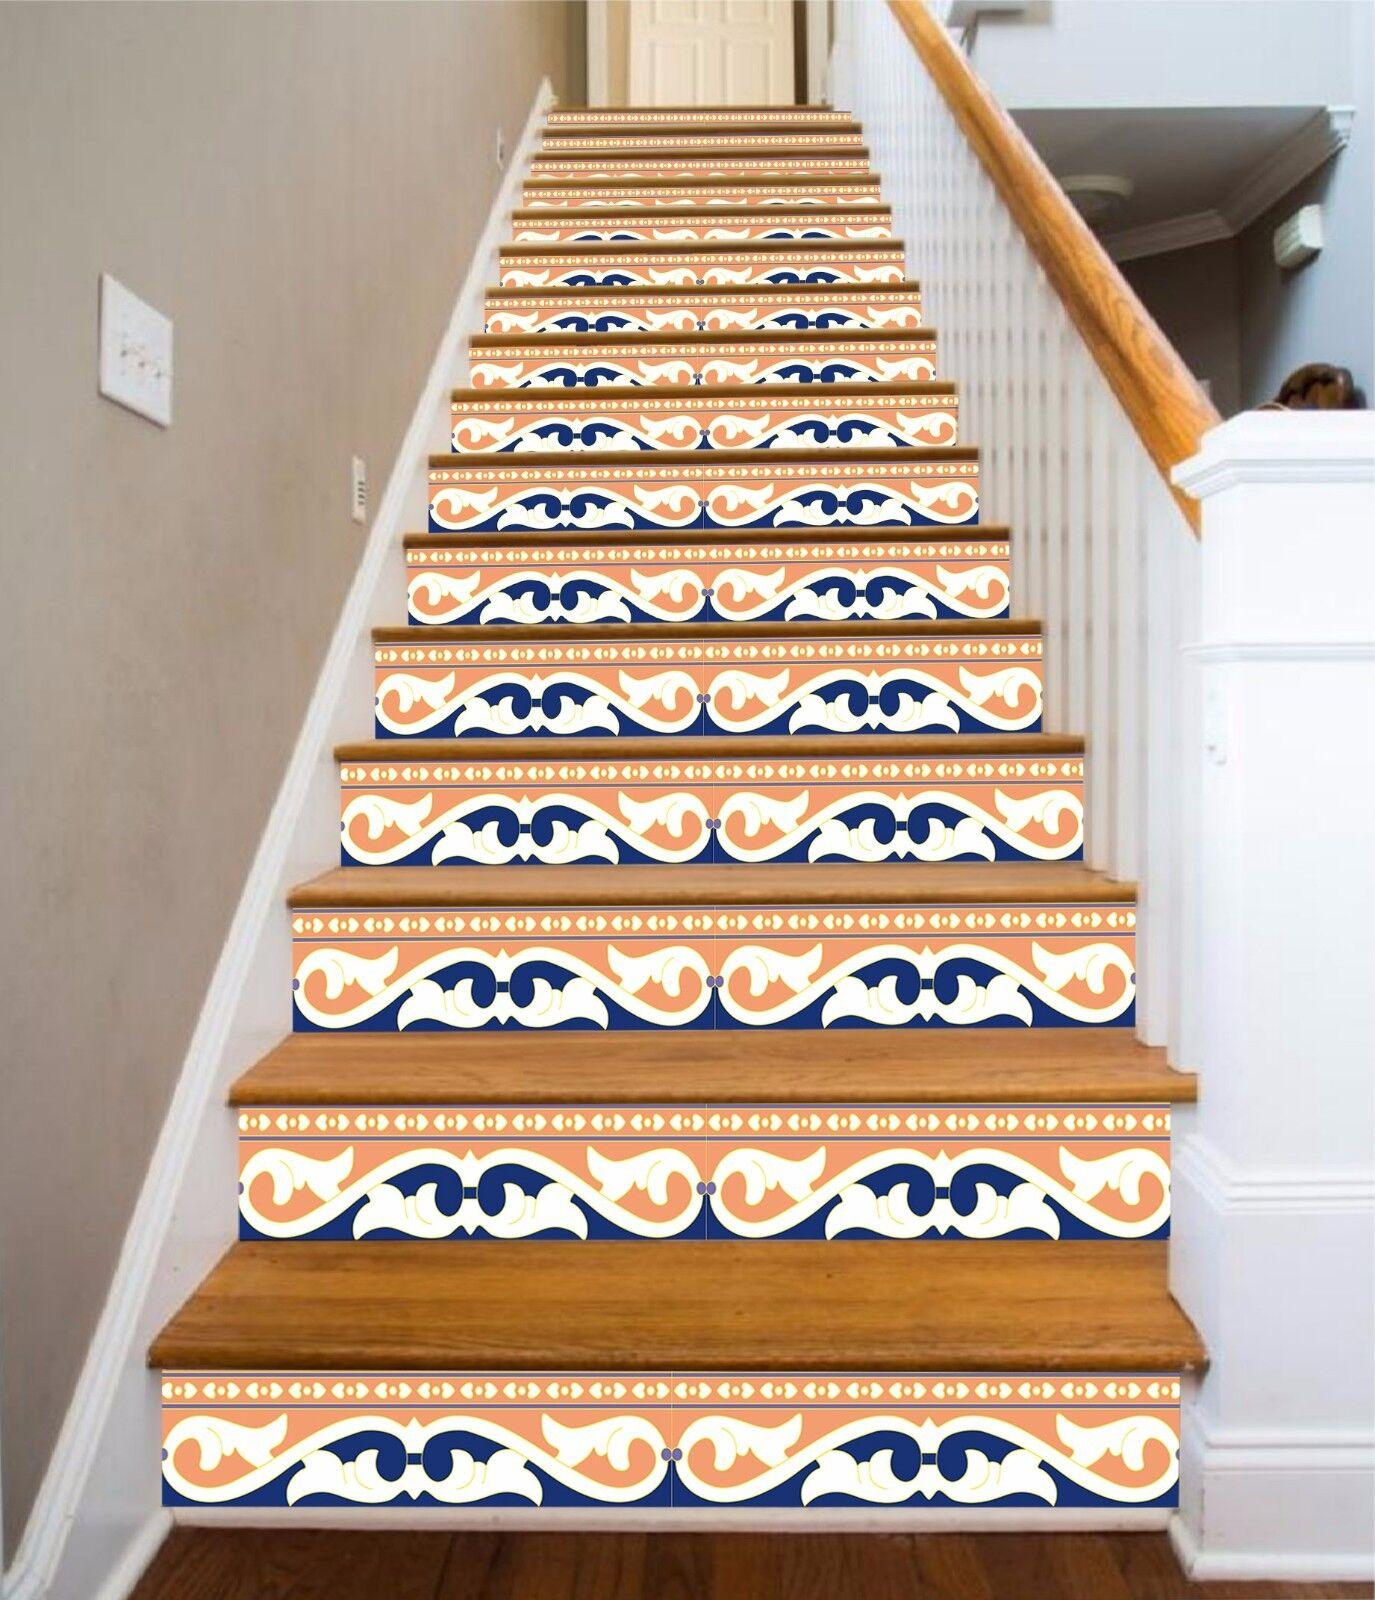 3d rebemuster 390 Stair Risers Décoration Papier Peint Vinyle Autocollant Papier Peint De